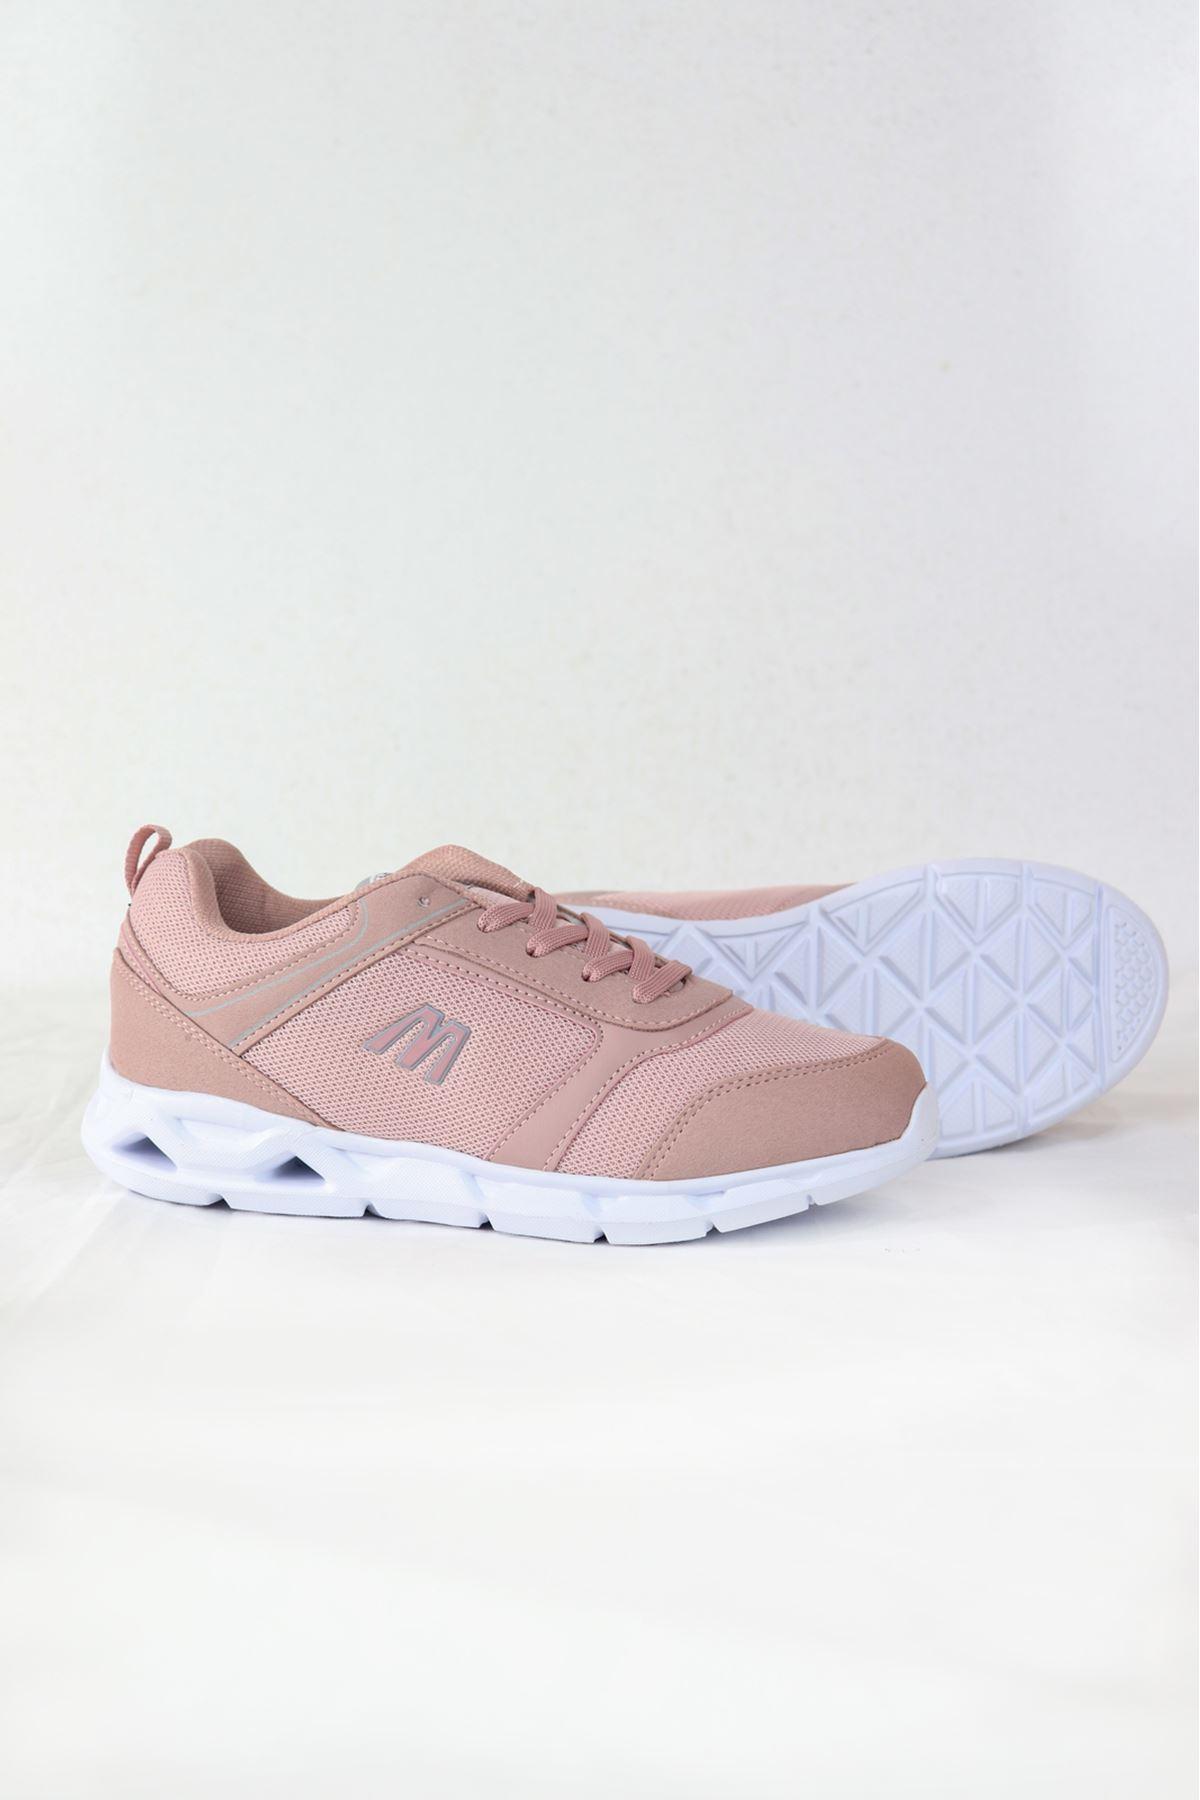 MP - 201 - 7404ZN - Pudra Kadın Spor Ayakkabısı